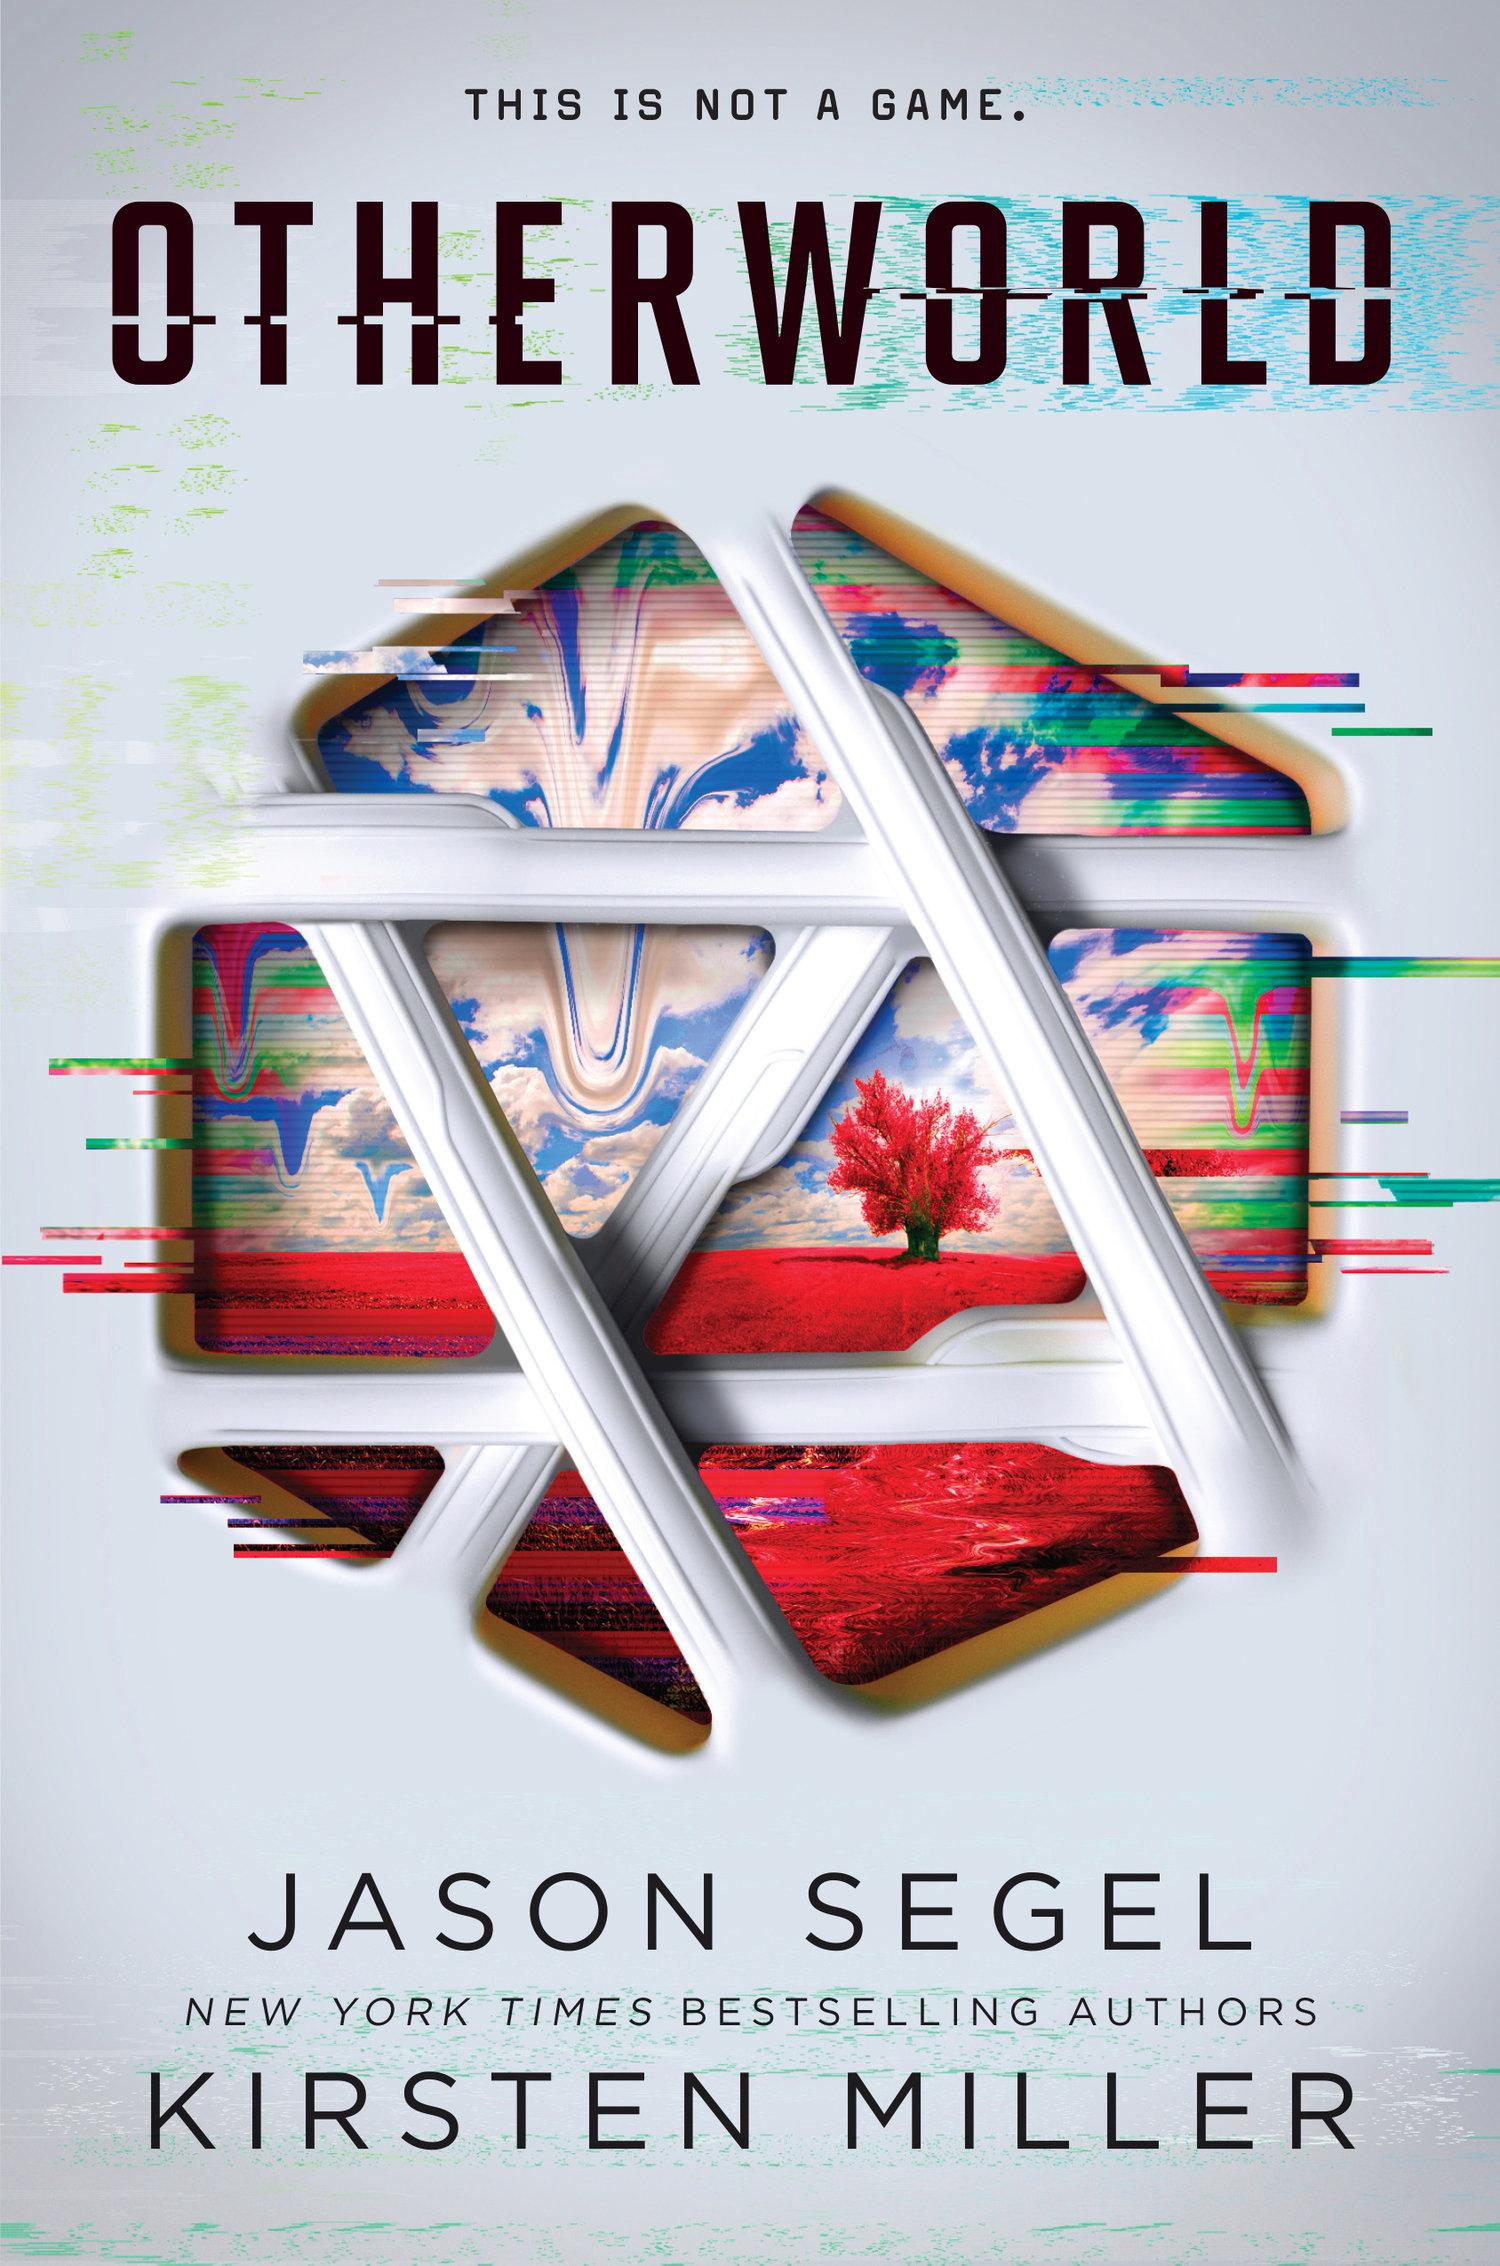 Otherworld+JKT+des6+&+3+spines+Frontcover8.jpg